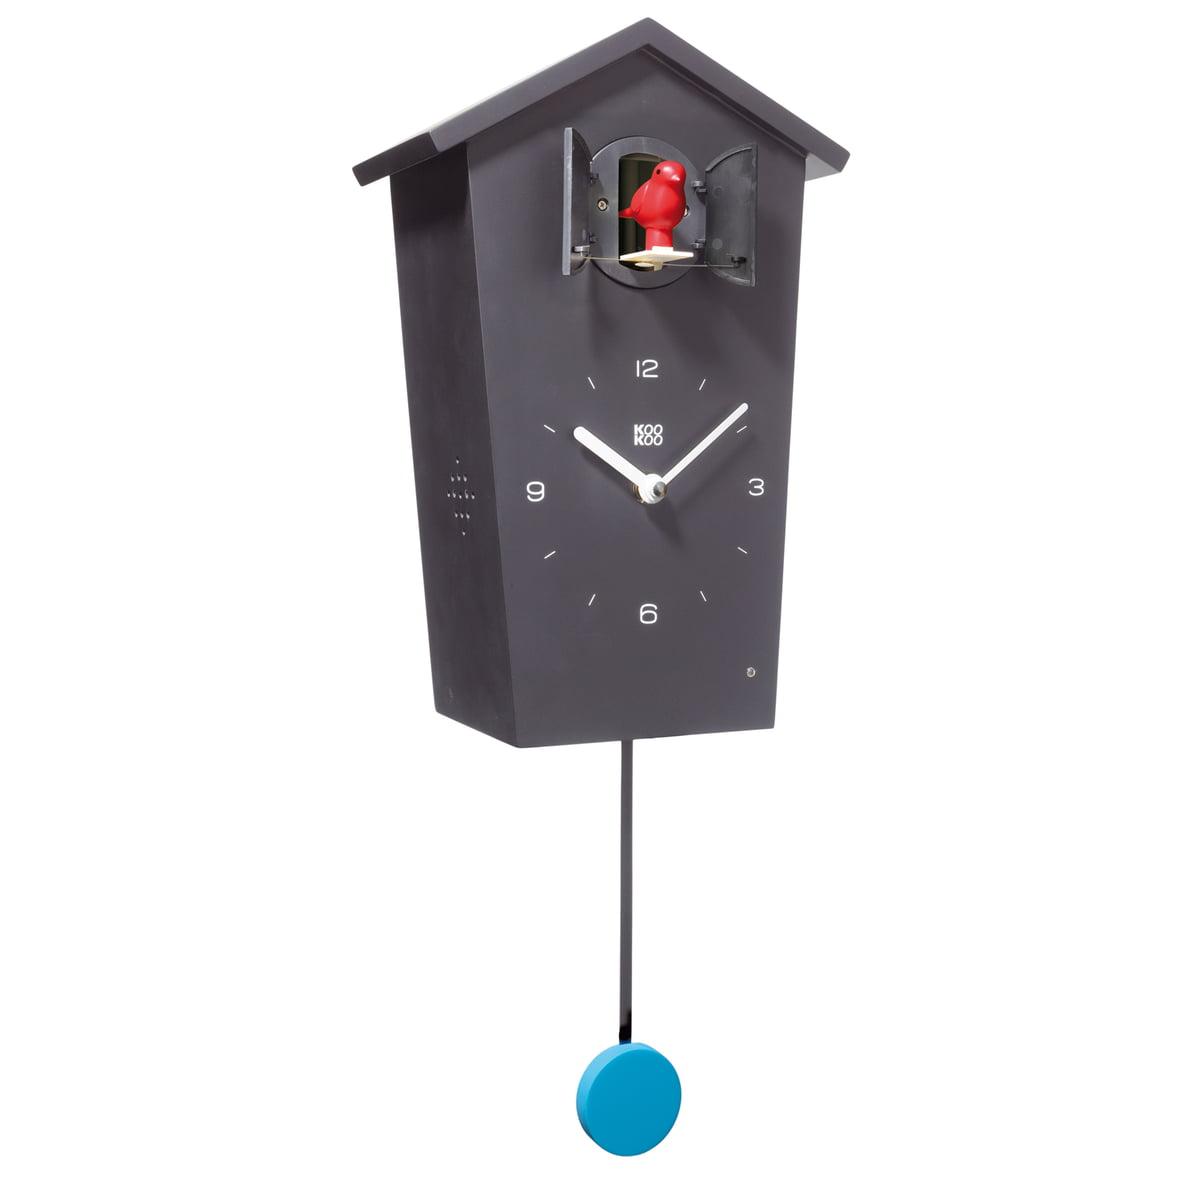 KooKoo - Bird House Kuckucksuhr, schwarz | Dekoration > Uhren > Kuckucksuhren | Schwarz | Mdf -  matt lackiert | KooKoo